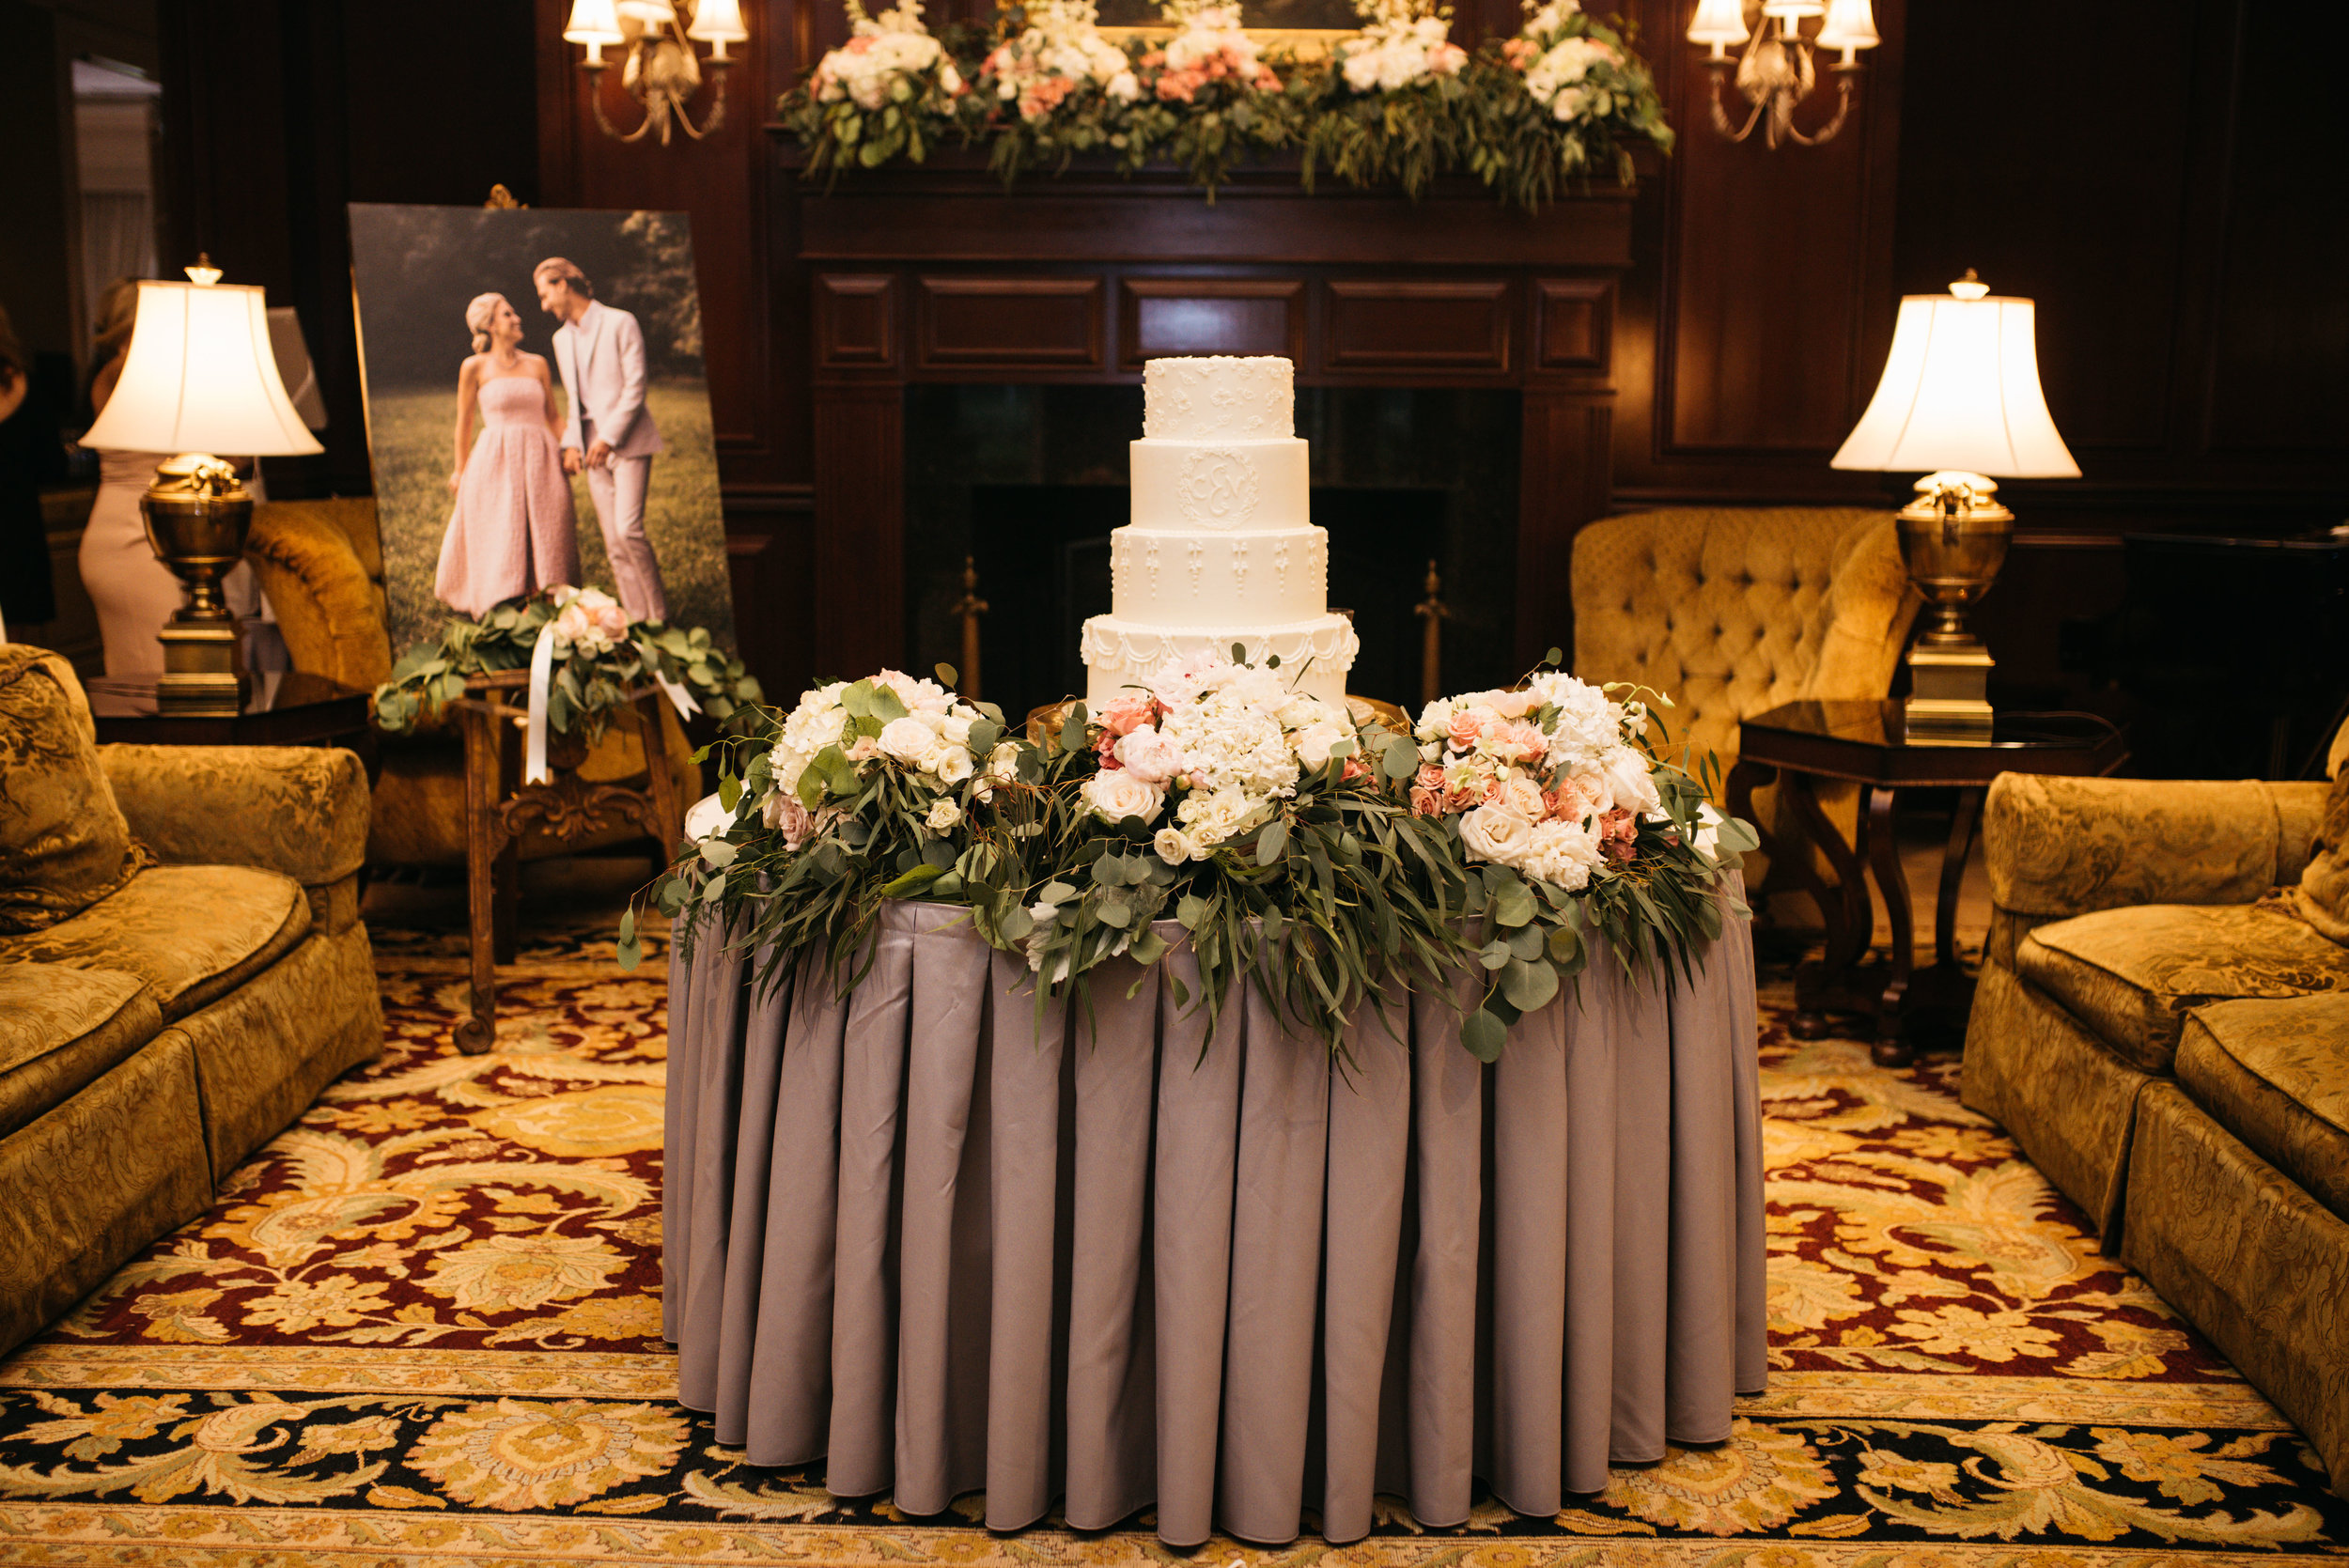 floral cake display.jpg